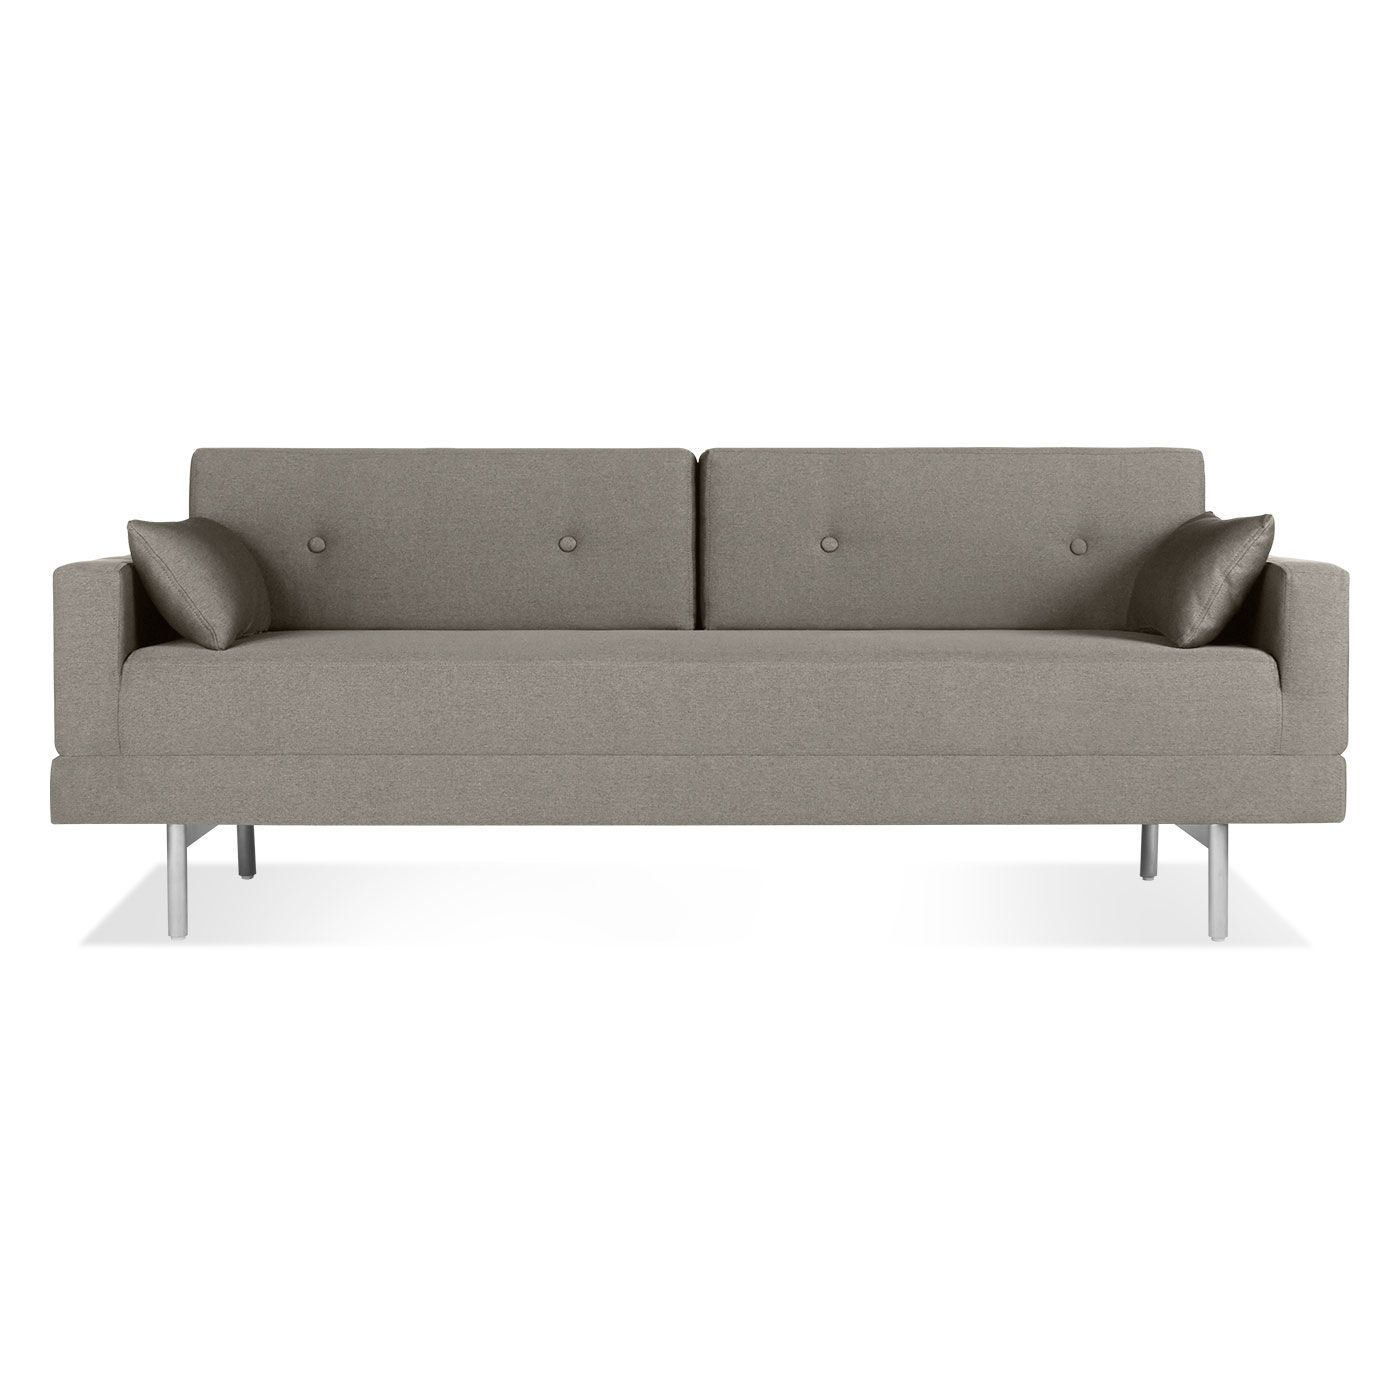 midcentury modern sleeper sofa in pebble or gun metal bludot sf